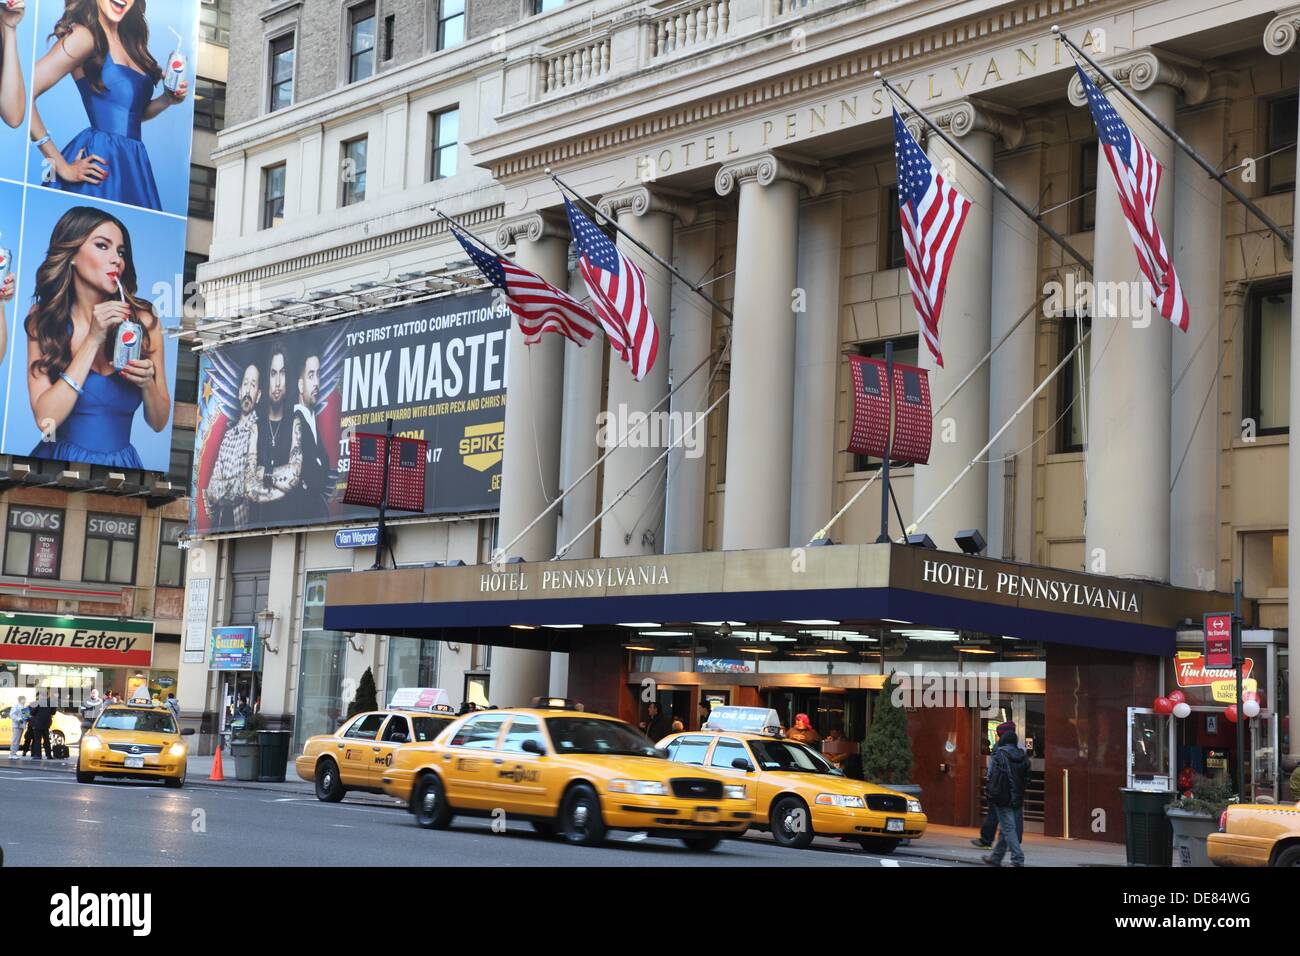 7 Th Avenue Hotel Pennsylvania New York Ny United